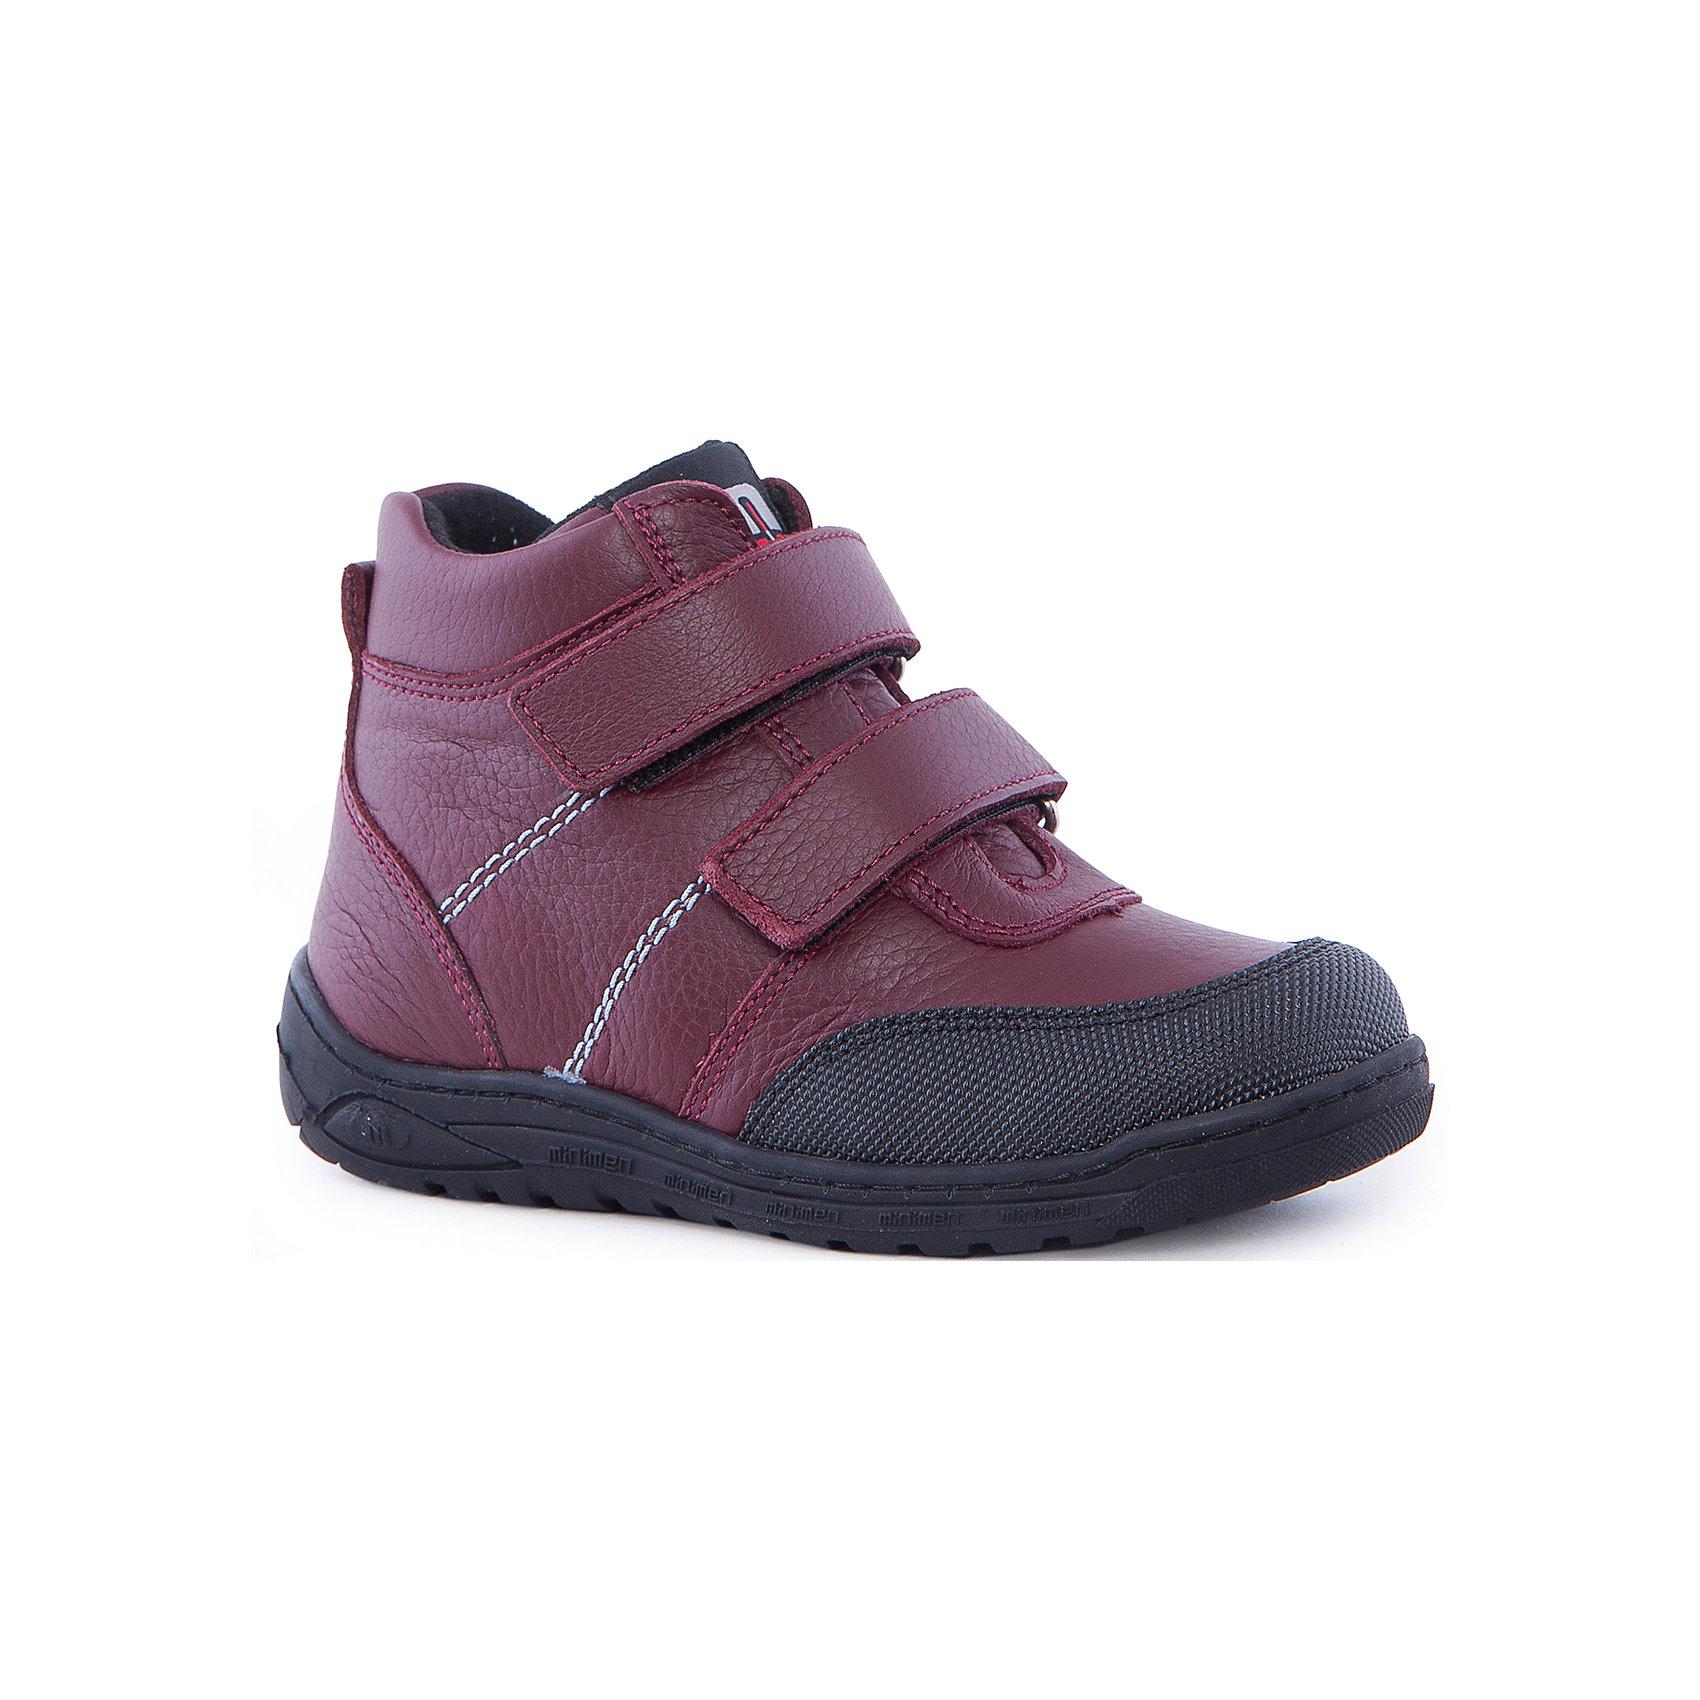 Ботинки для девочки MinimenБотинки<br>Ботиночки от Minimen очень удобны и прекрасно фиксируют ногу. Кроме того, они обладают ортопедическими свойствами, что поможет стопе ребенка развиваться правильно. Ботинки застегиваются на липучки и легко одеваются. Подойдут для осени и теплой зимы.<br><br>Дополнительная информация:<br>Стелька: супинатор<br>Цвет: бордовый<br>Сезон: осень-зима<br>Материал: 100% кожа, текстиль<br><br>Ботинки Minimen вы можете приобрести в нашем интернет-магазине.<br><br>Ширина мм: 262<br>Глубина мм: 176<br>Высота мм: 97<br>Вес г: 427<br>Цвет: красный<br>Возраст от месяцев: 24<br>Возраст до месяцев: 24<br>Пол: Женский<br>Возраст: Детский<br>Размер: 25,30,29,28,27,26<br>SKU: 4969768